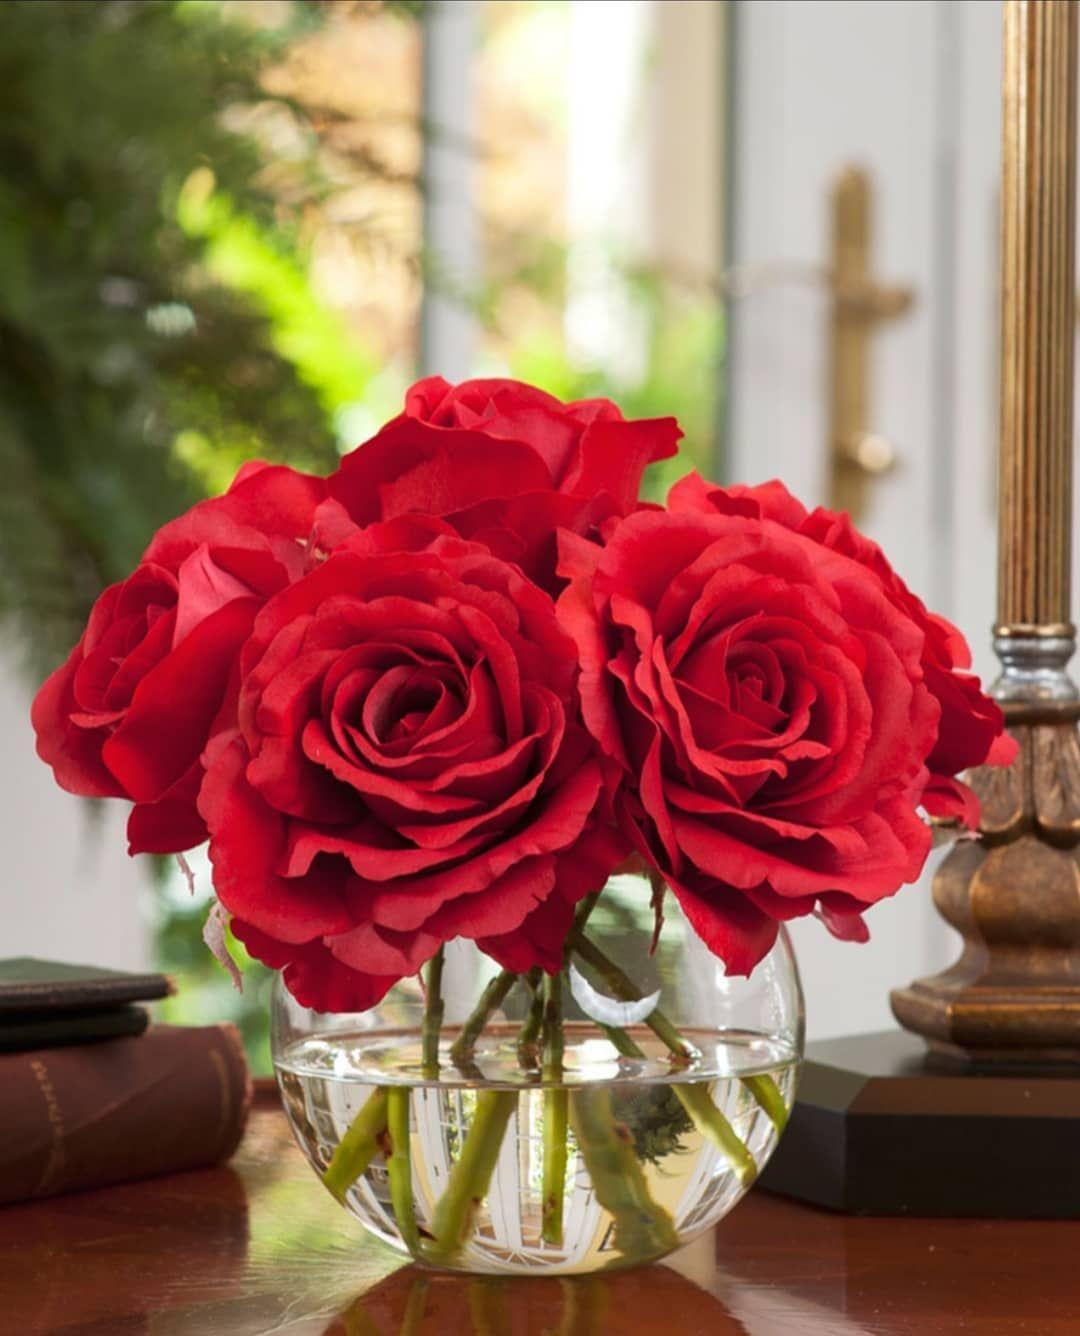 القلوب الرائعة من حولنا هي السعادة الحقيقية اللهم أسعد قلب من نحبهم فيك عذبة هي الصباحات مع من Silk Flower Arrangements Rose Arrangements Flower Arrangements